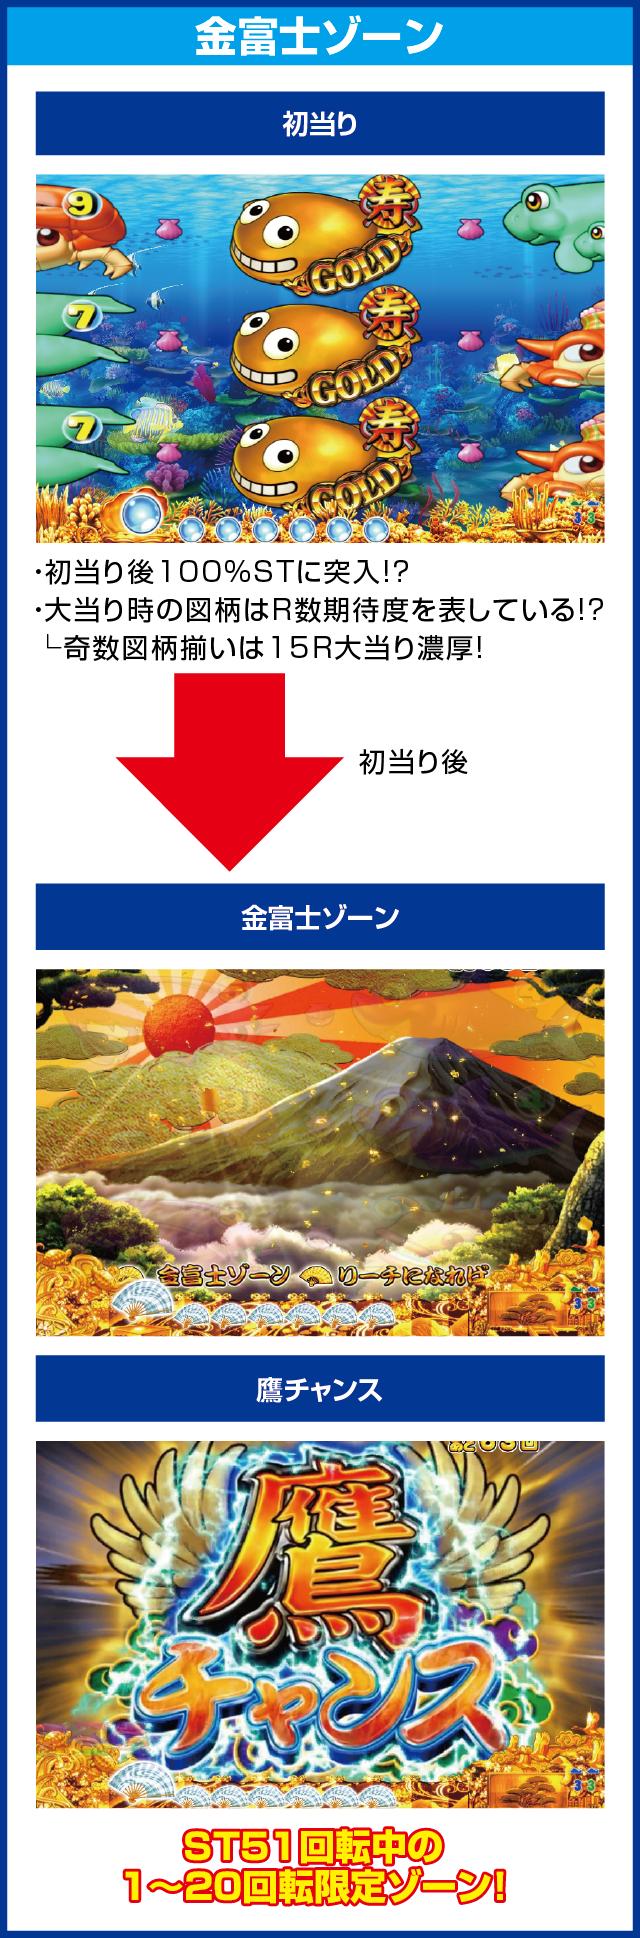 CRスーパー海物語IN JAPAN 金富士バージョン 199ver.のピックアップポイント